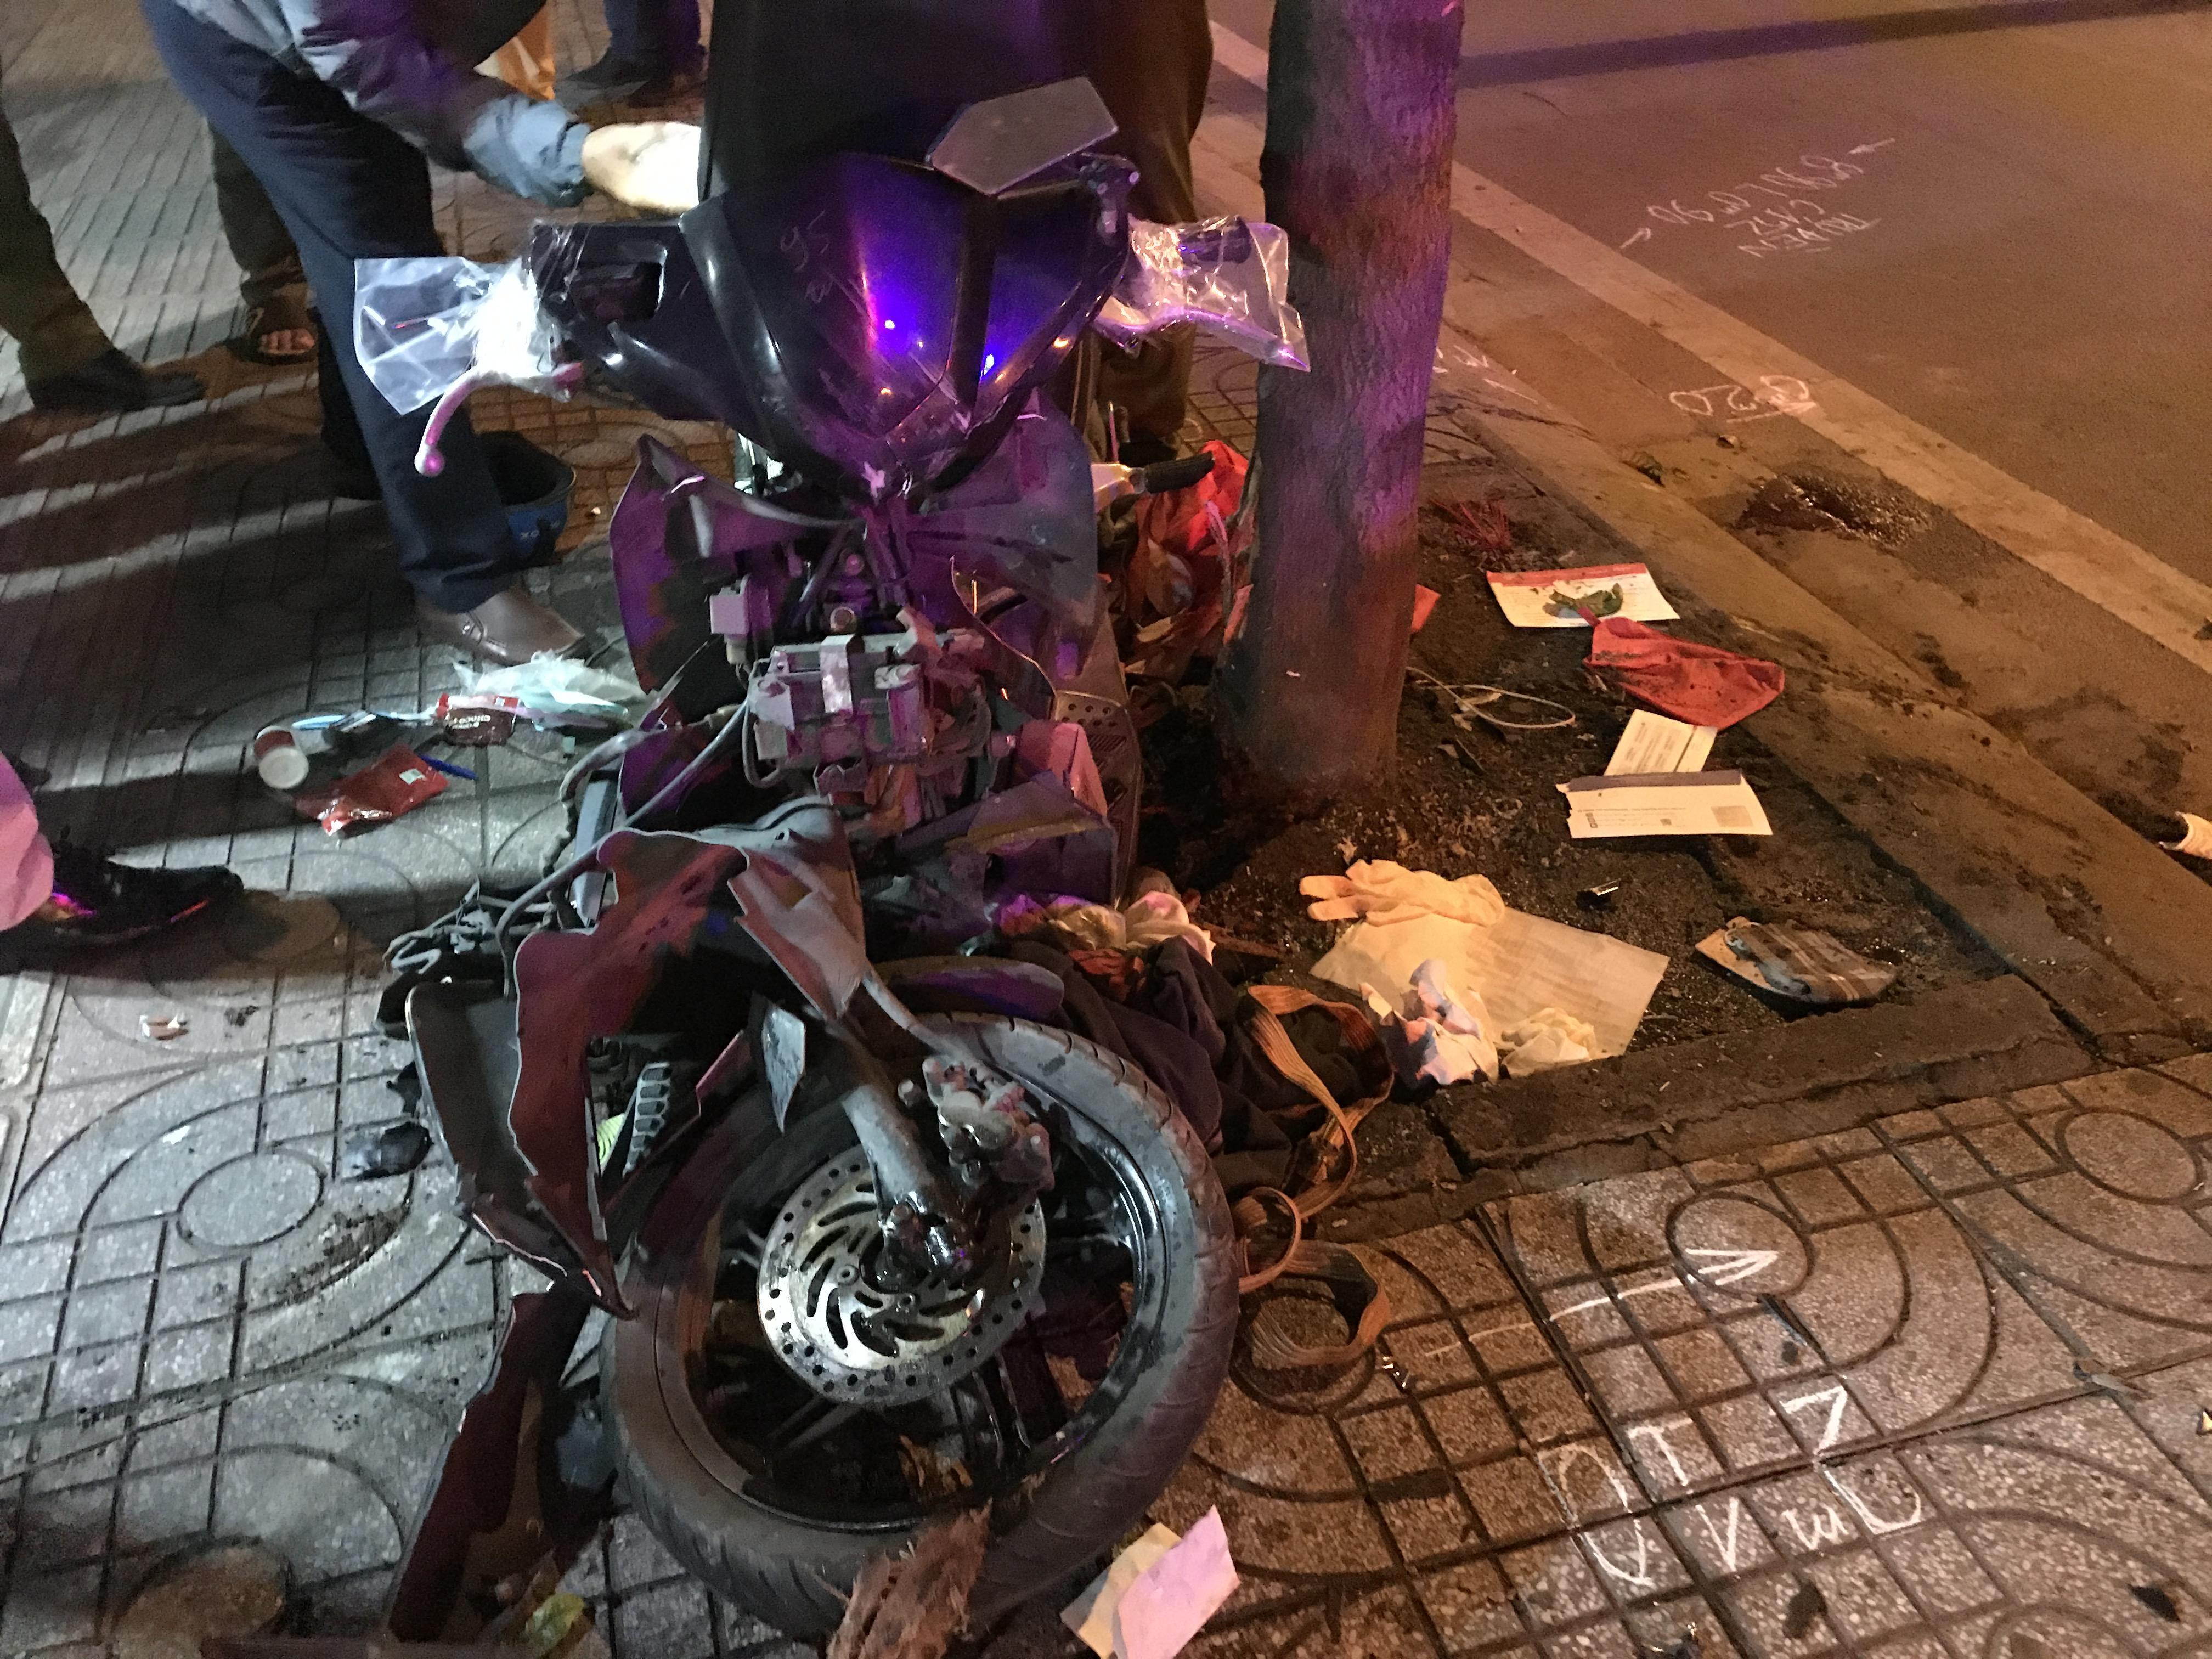 Xe máy bị biến dạng vì tai nạn.